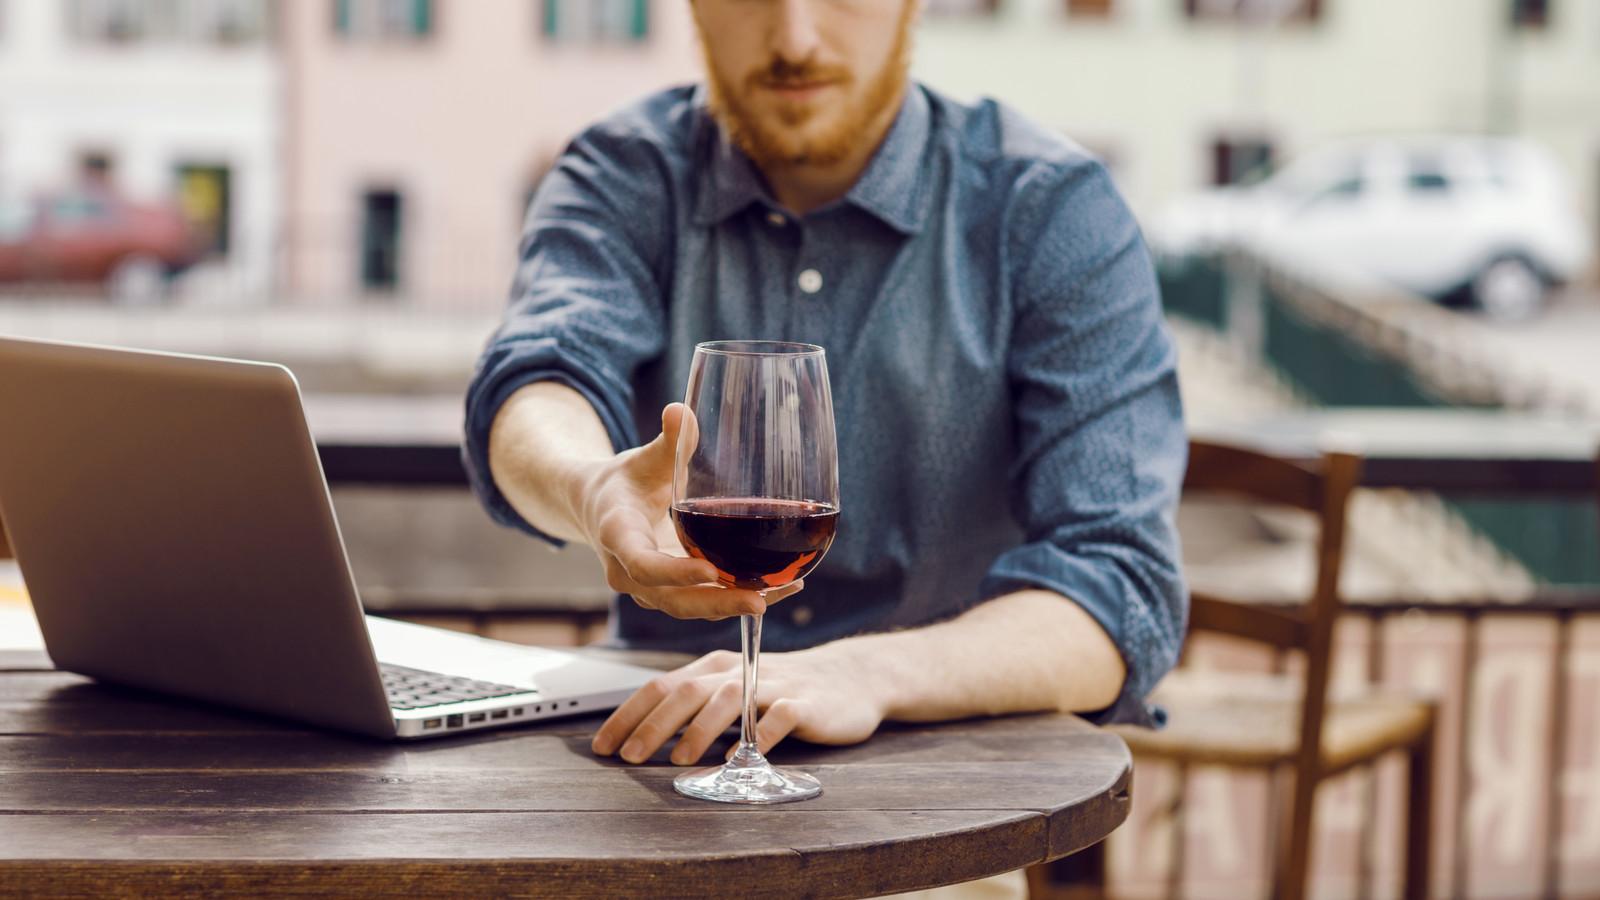 Wijn proeven achter je laptop: het is heel gewoon geworden het afgelopen jaar.